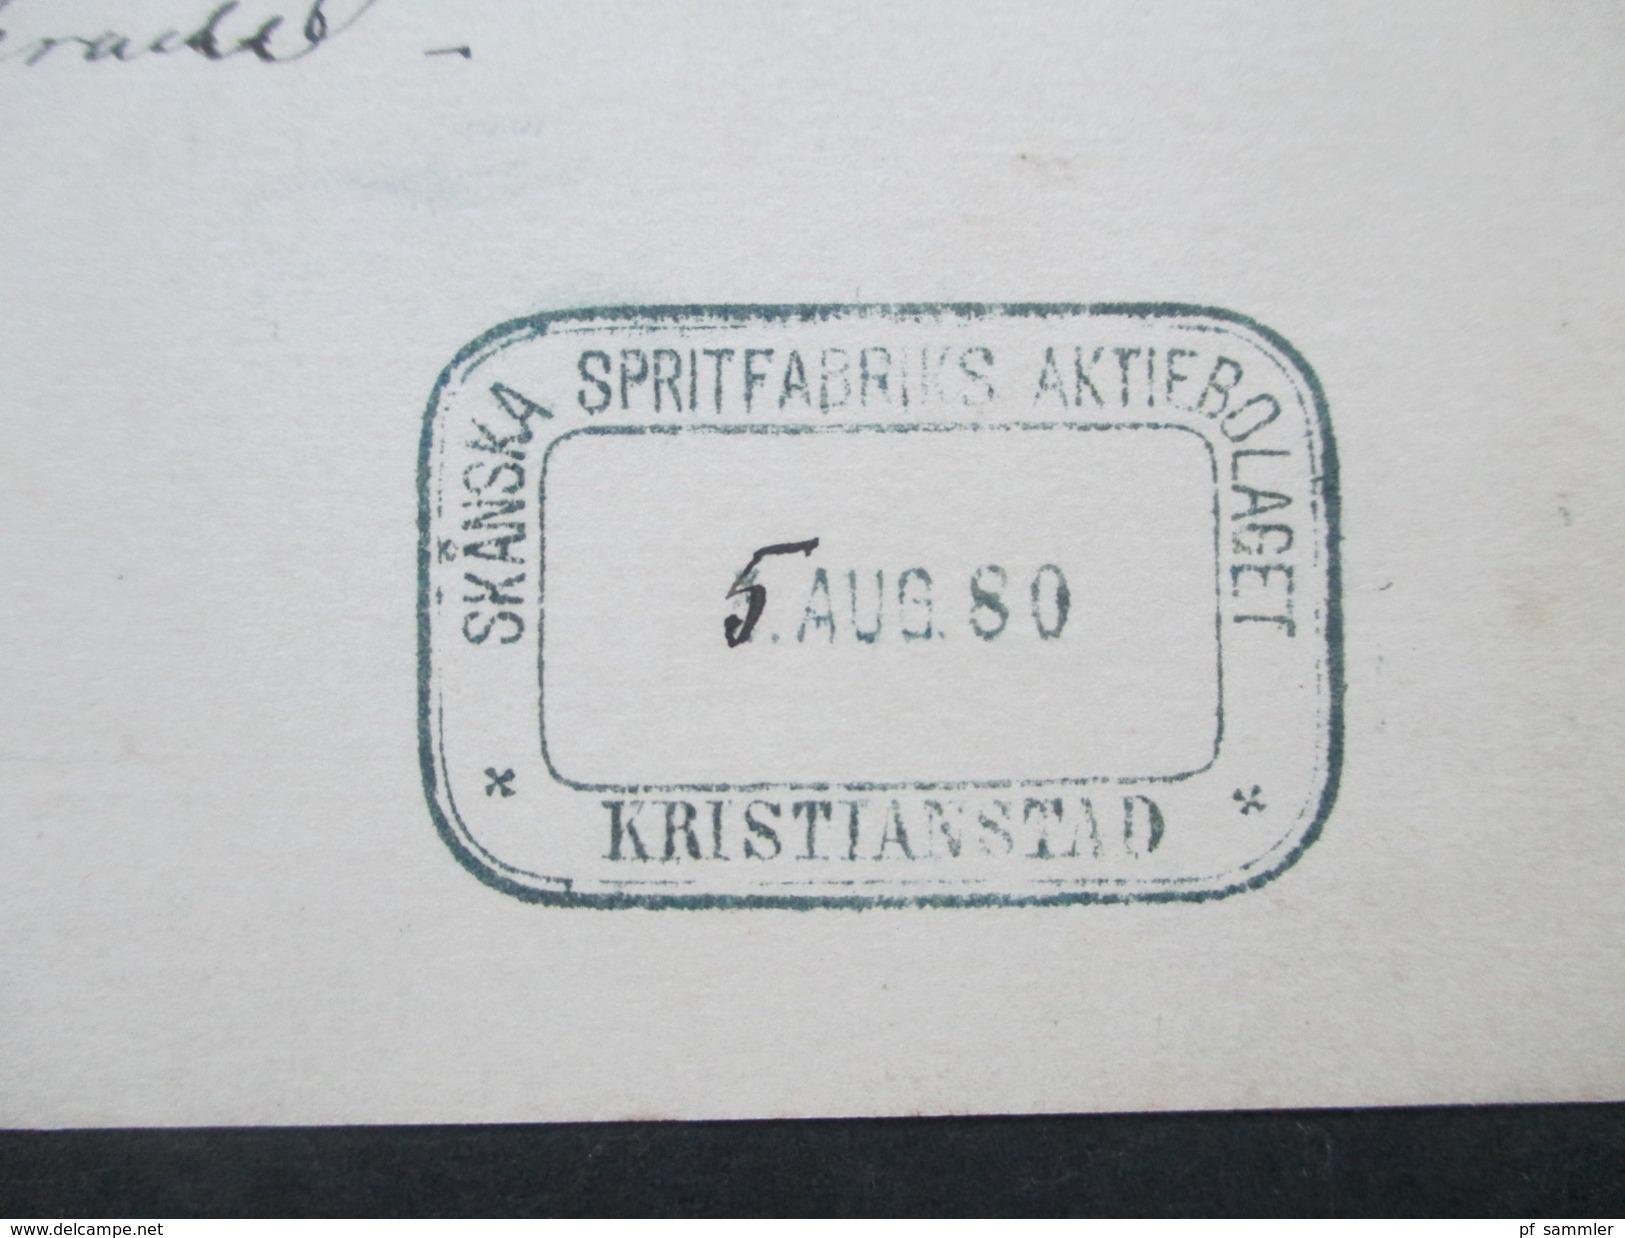 Schweden 1980 Ganzsache Brefkort. Sex Öre. Alkohol. Skanska Spritfabriks Aktiebolaget - Schweden